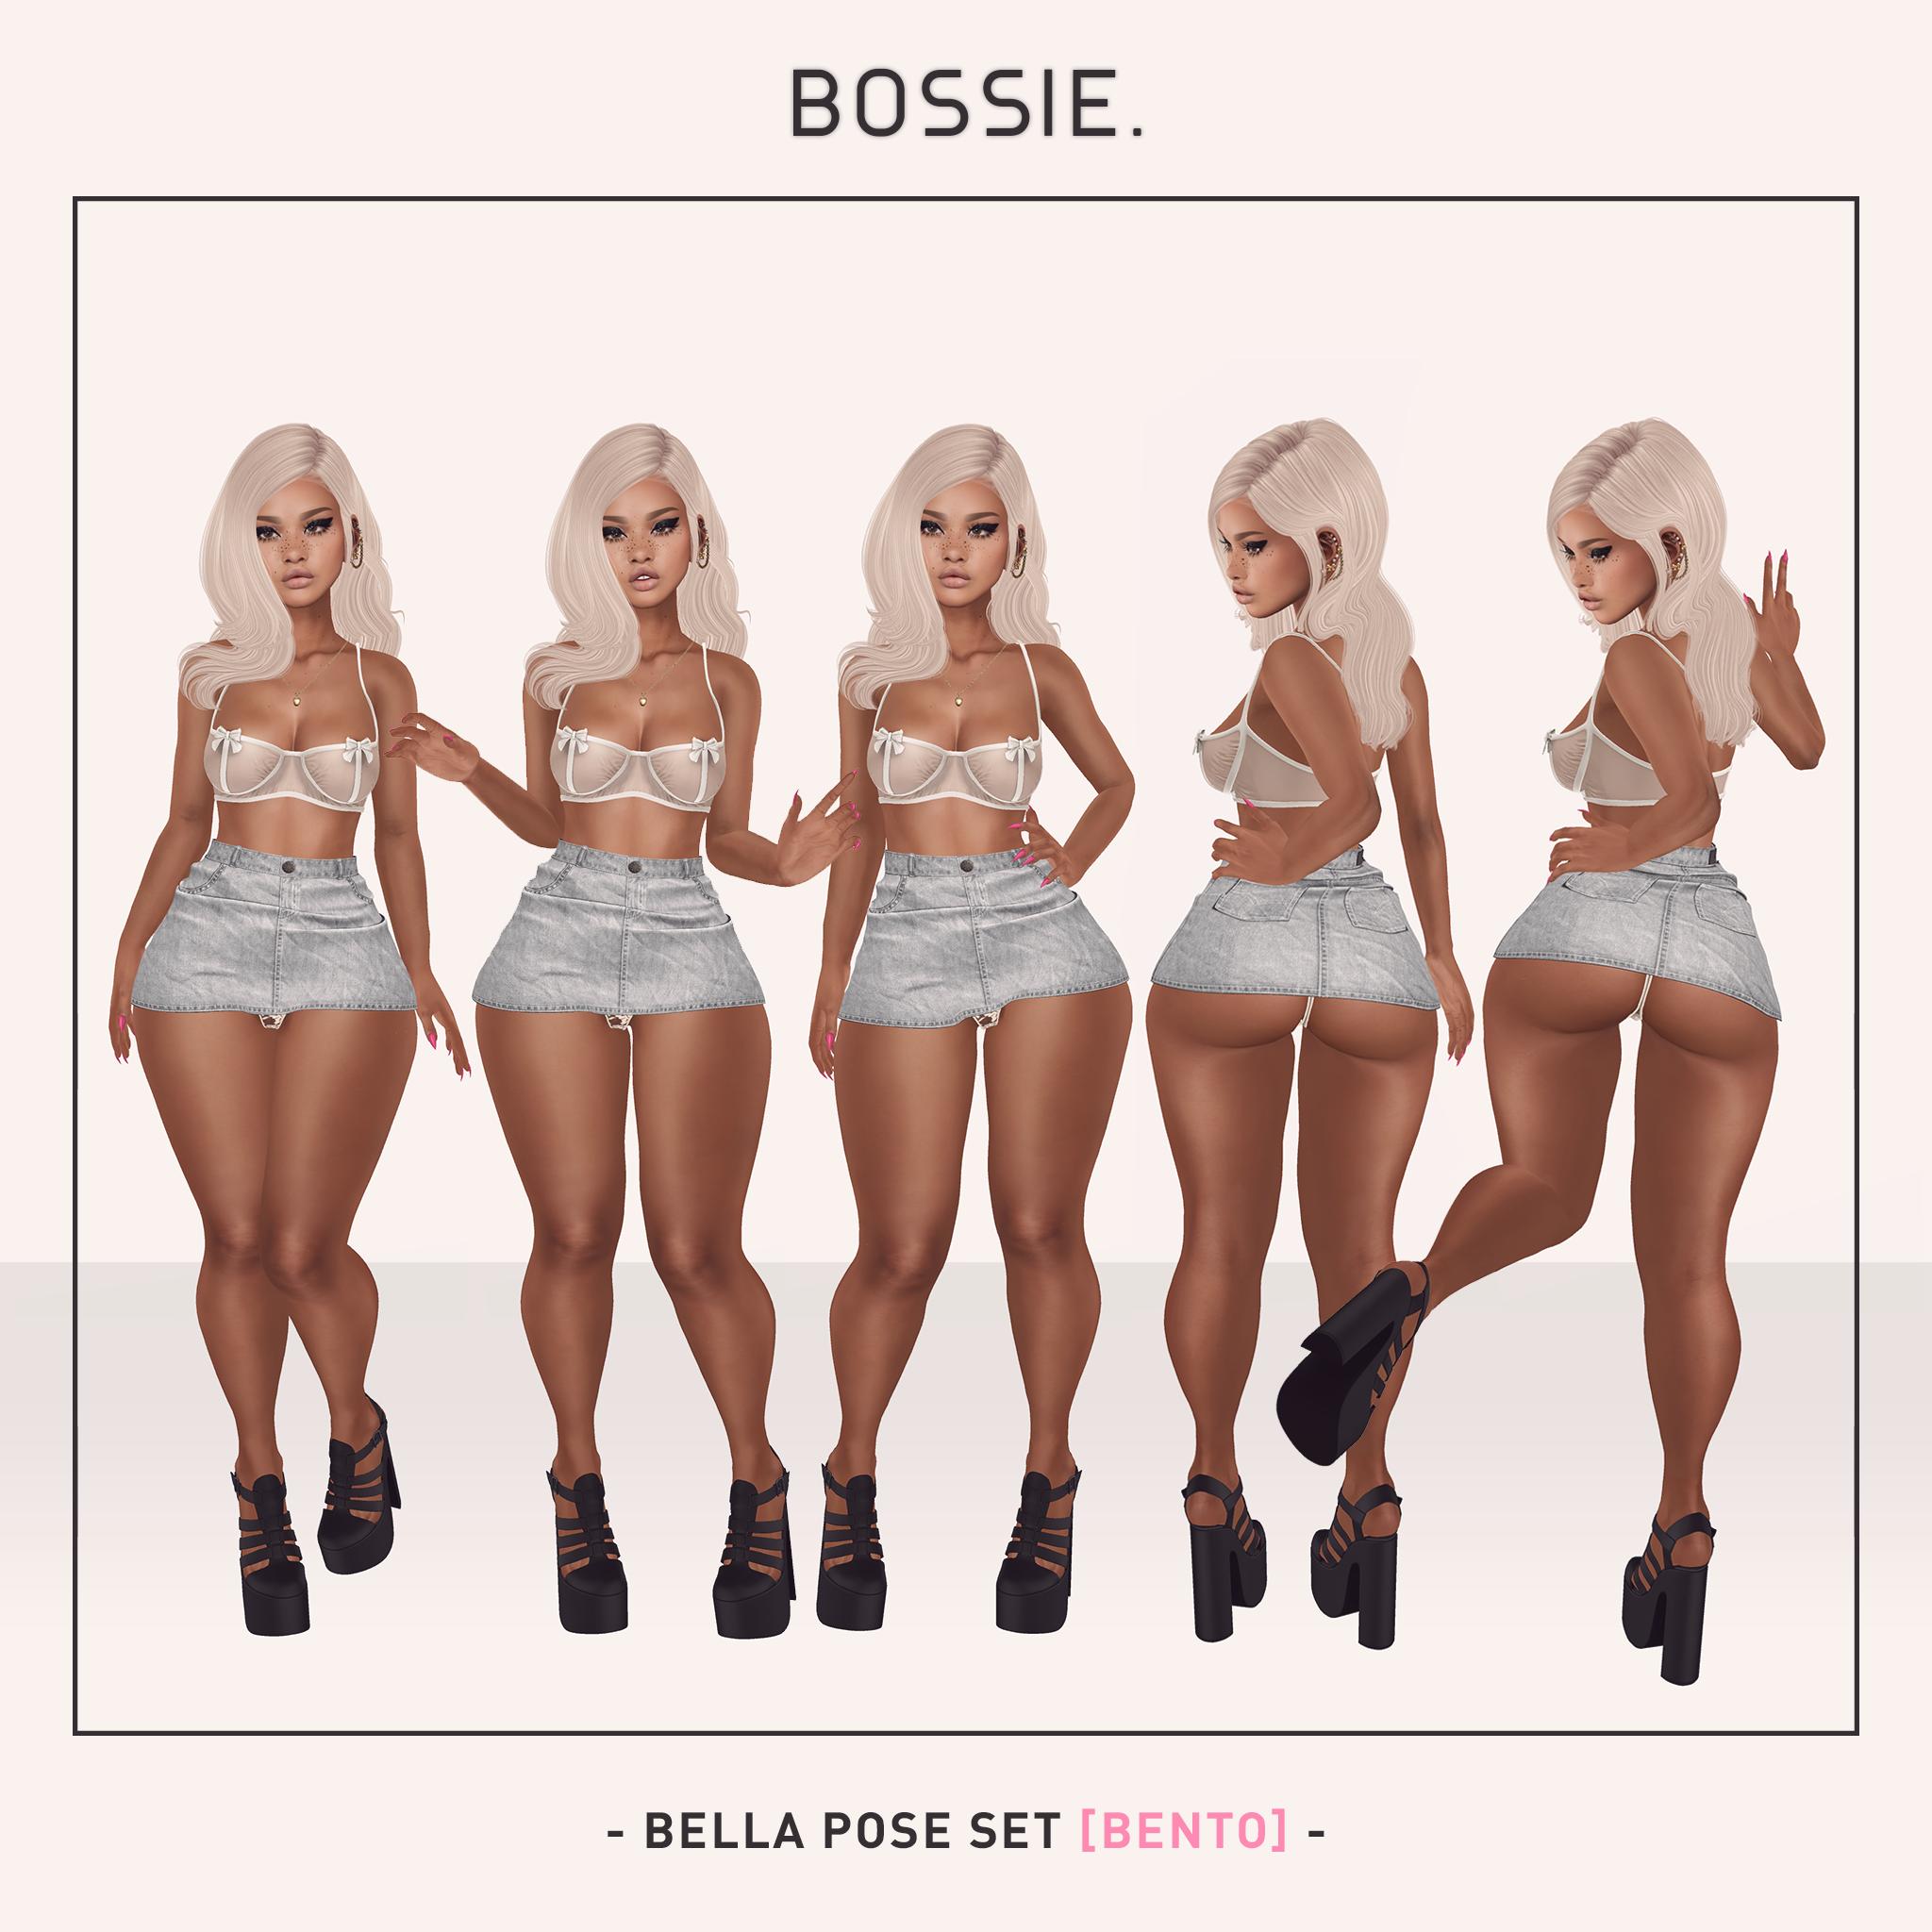 Bossie bella pose set [bento] AD.png